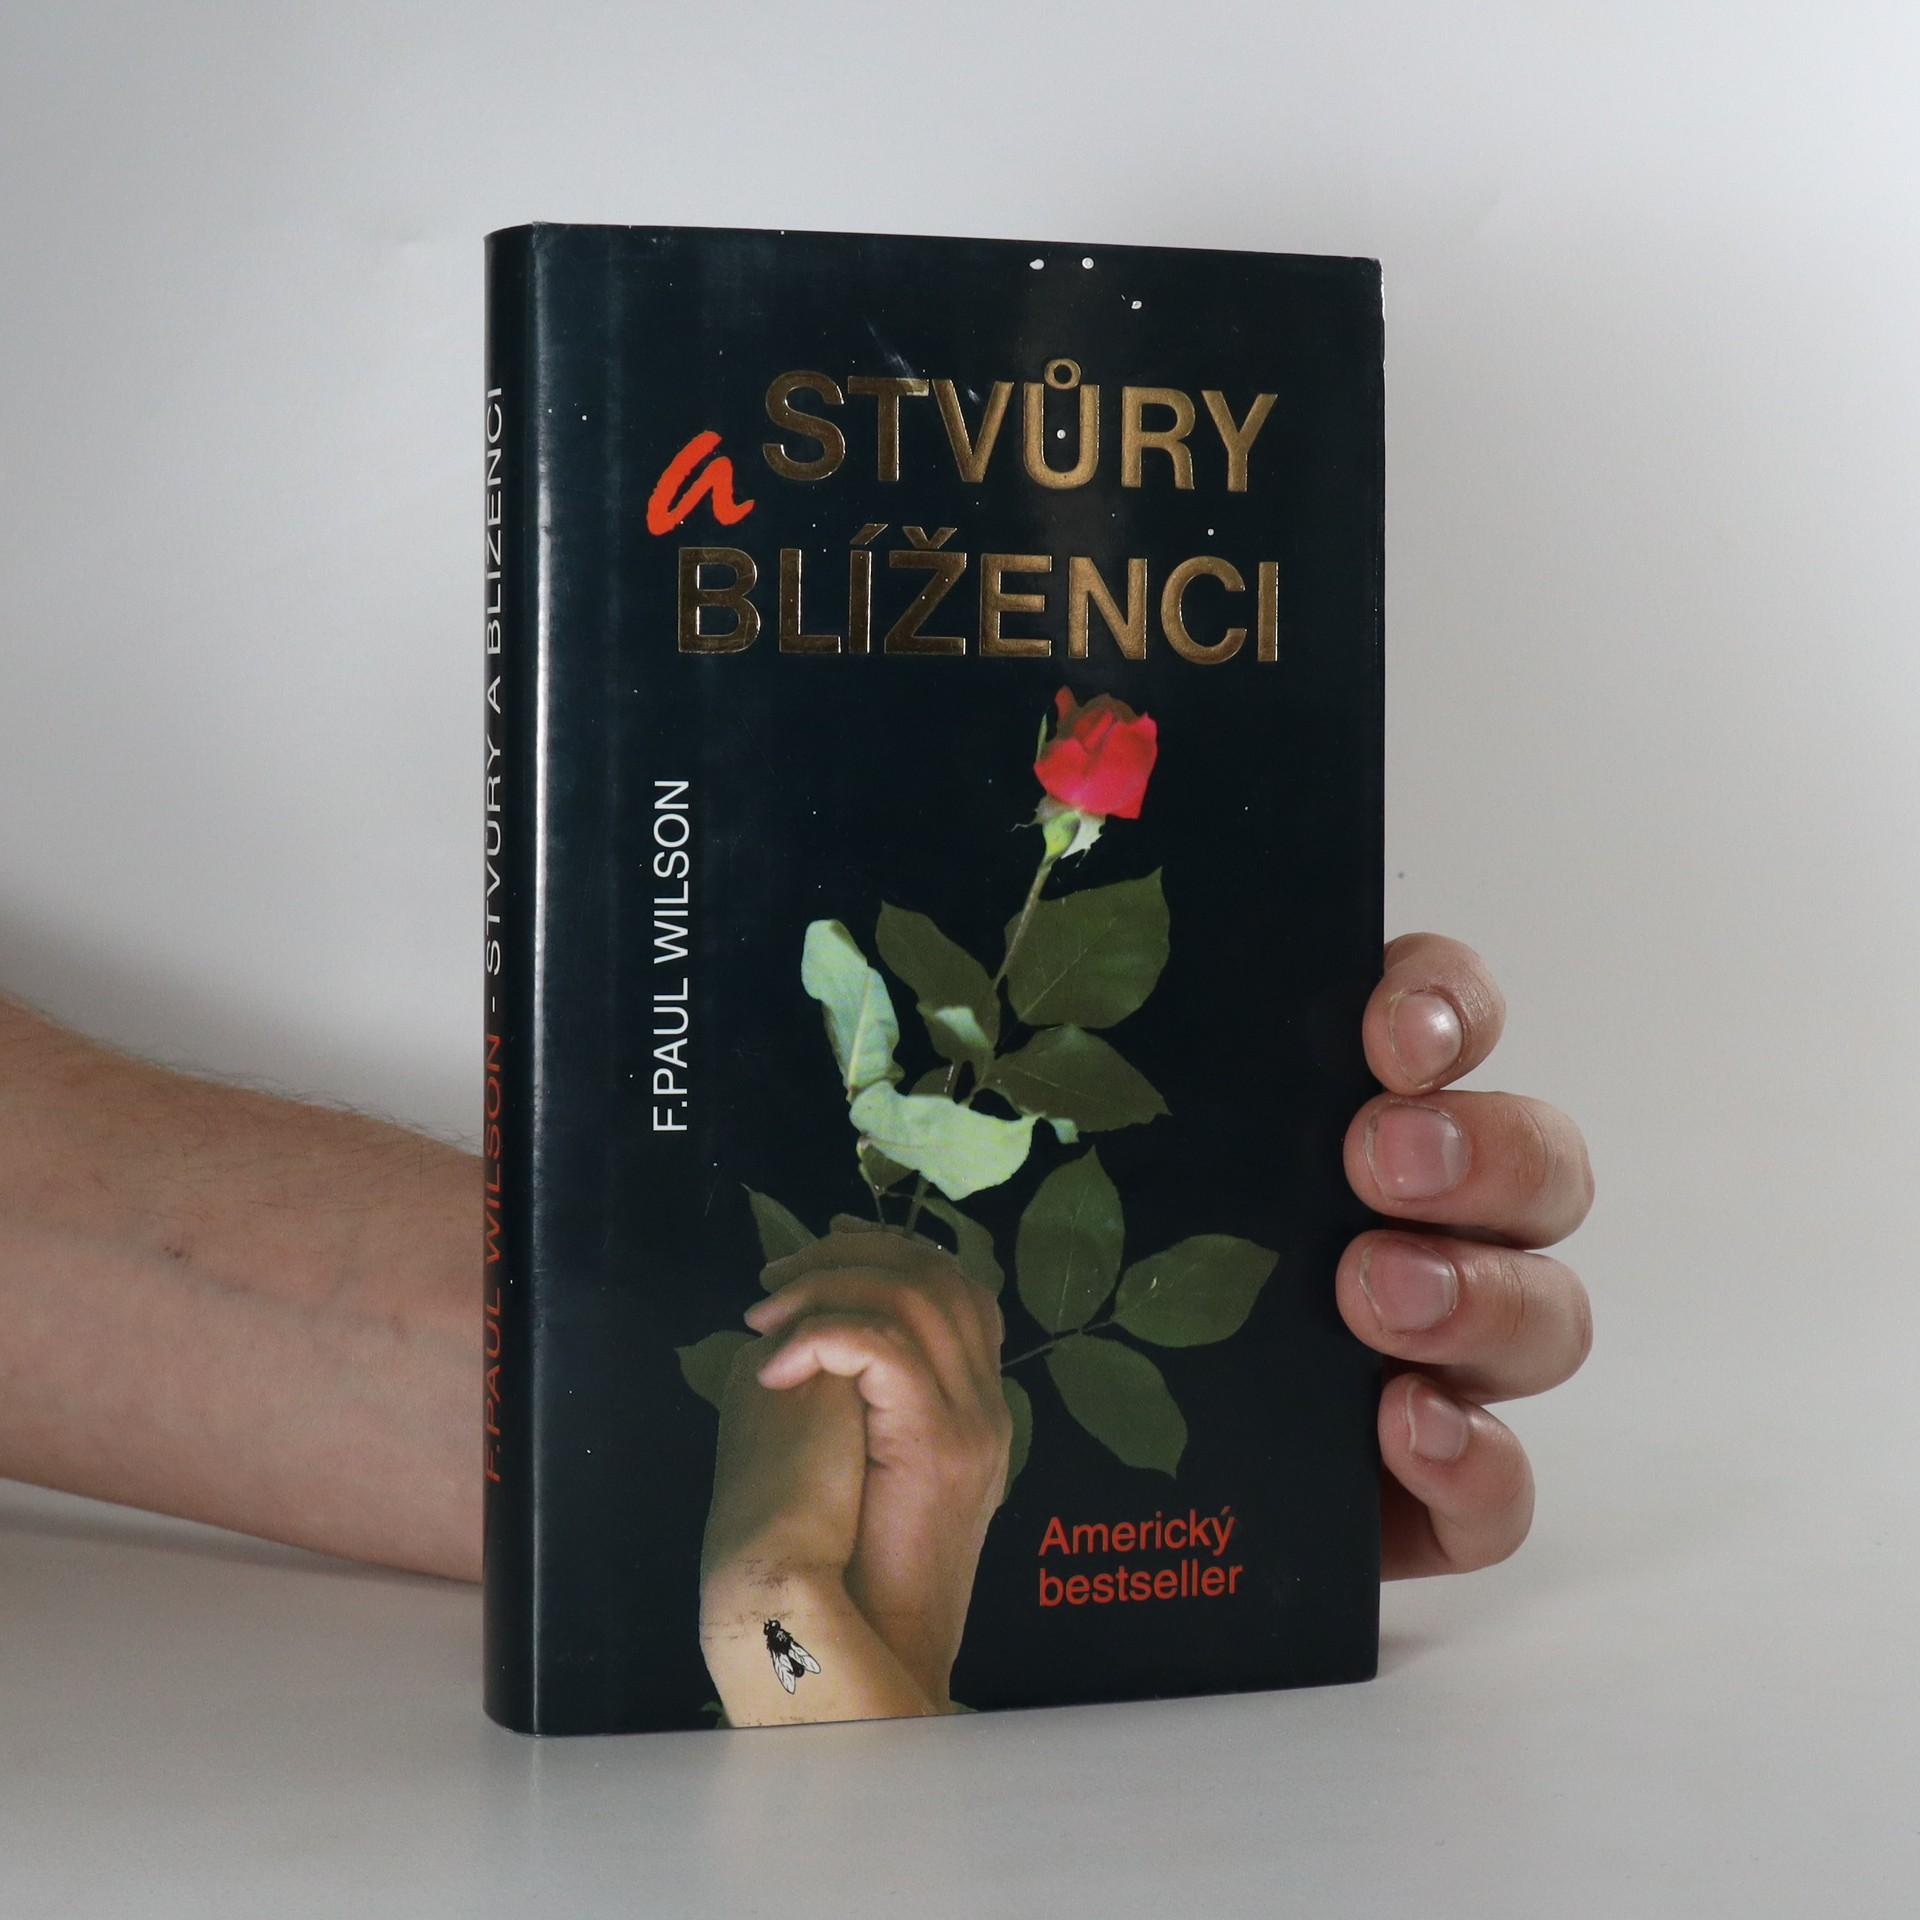 antikvární kniha Stvůry a blíženci, 1993